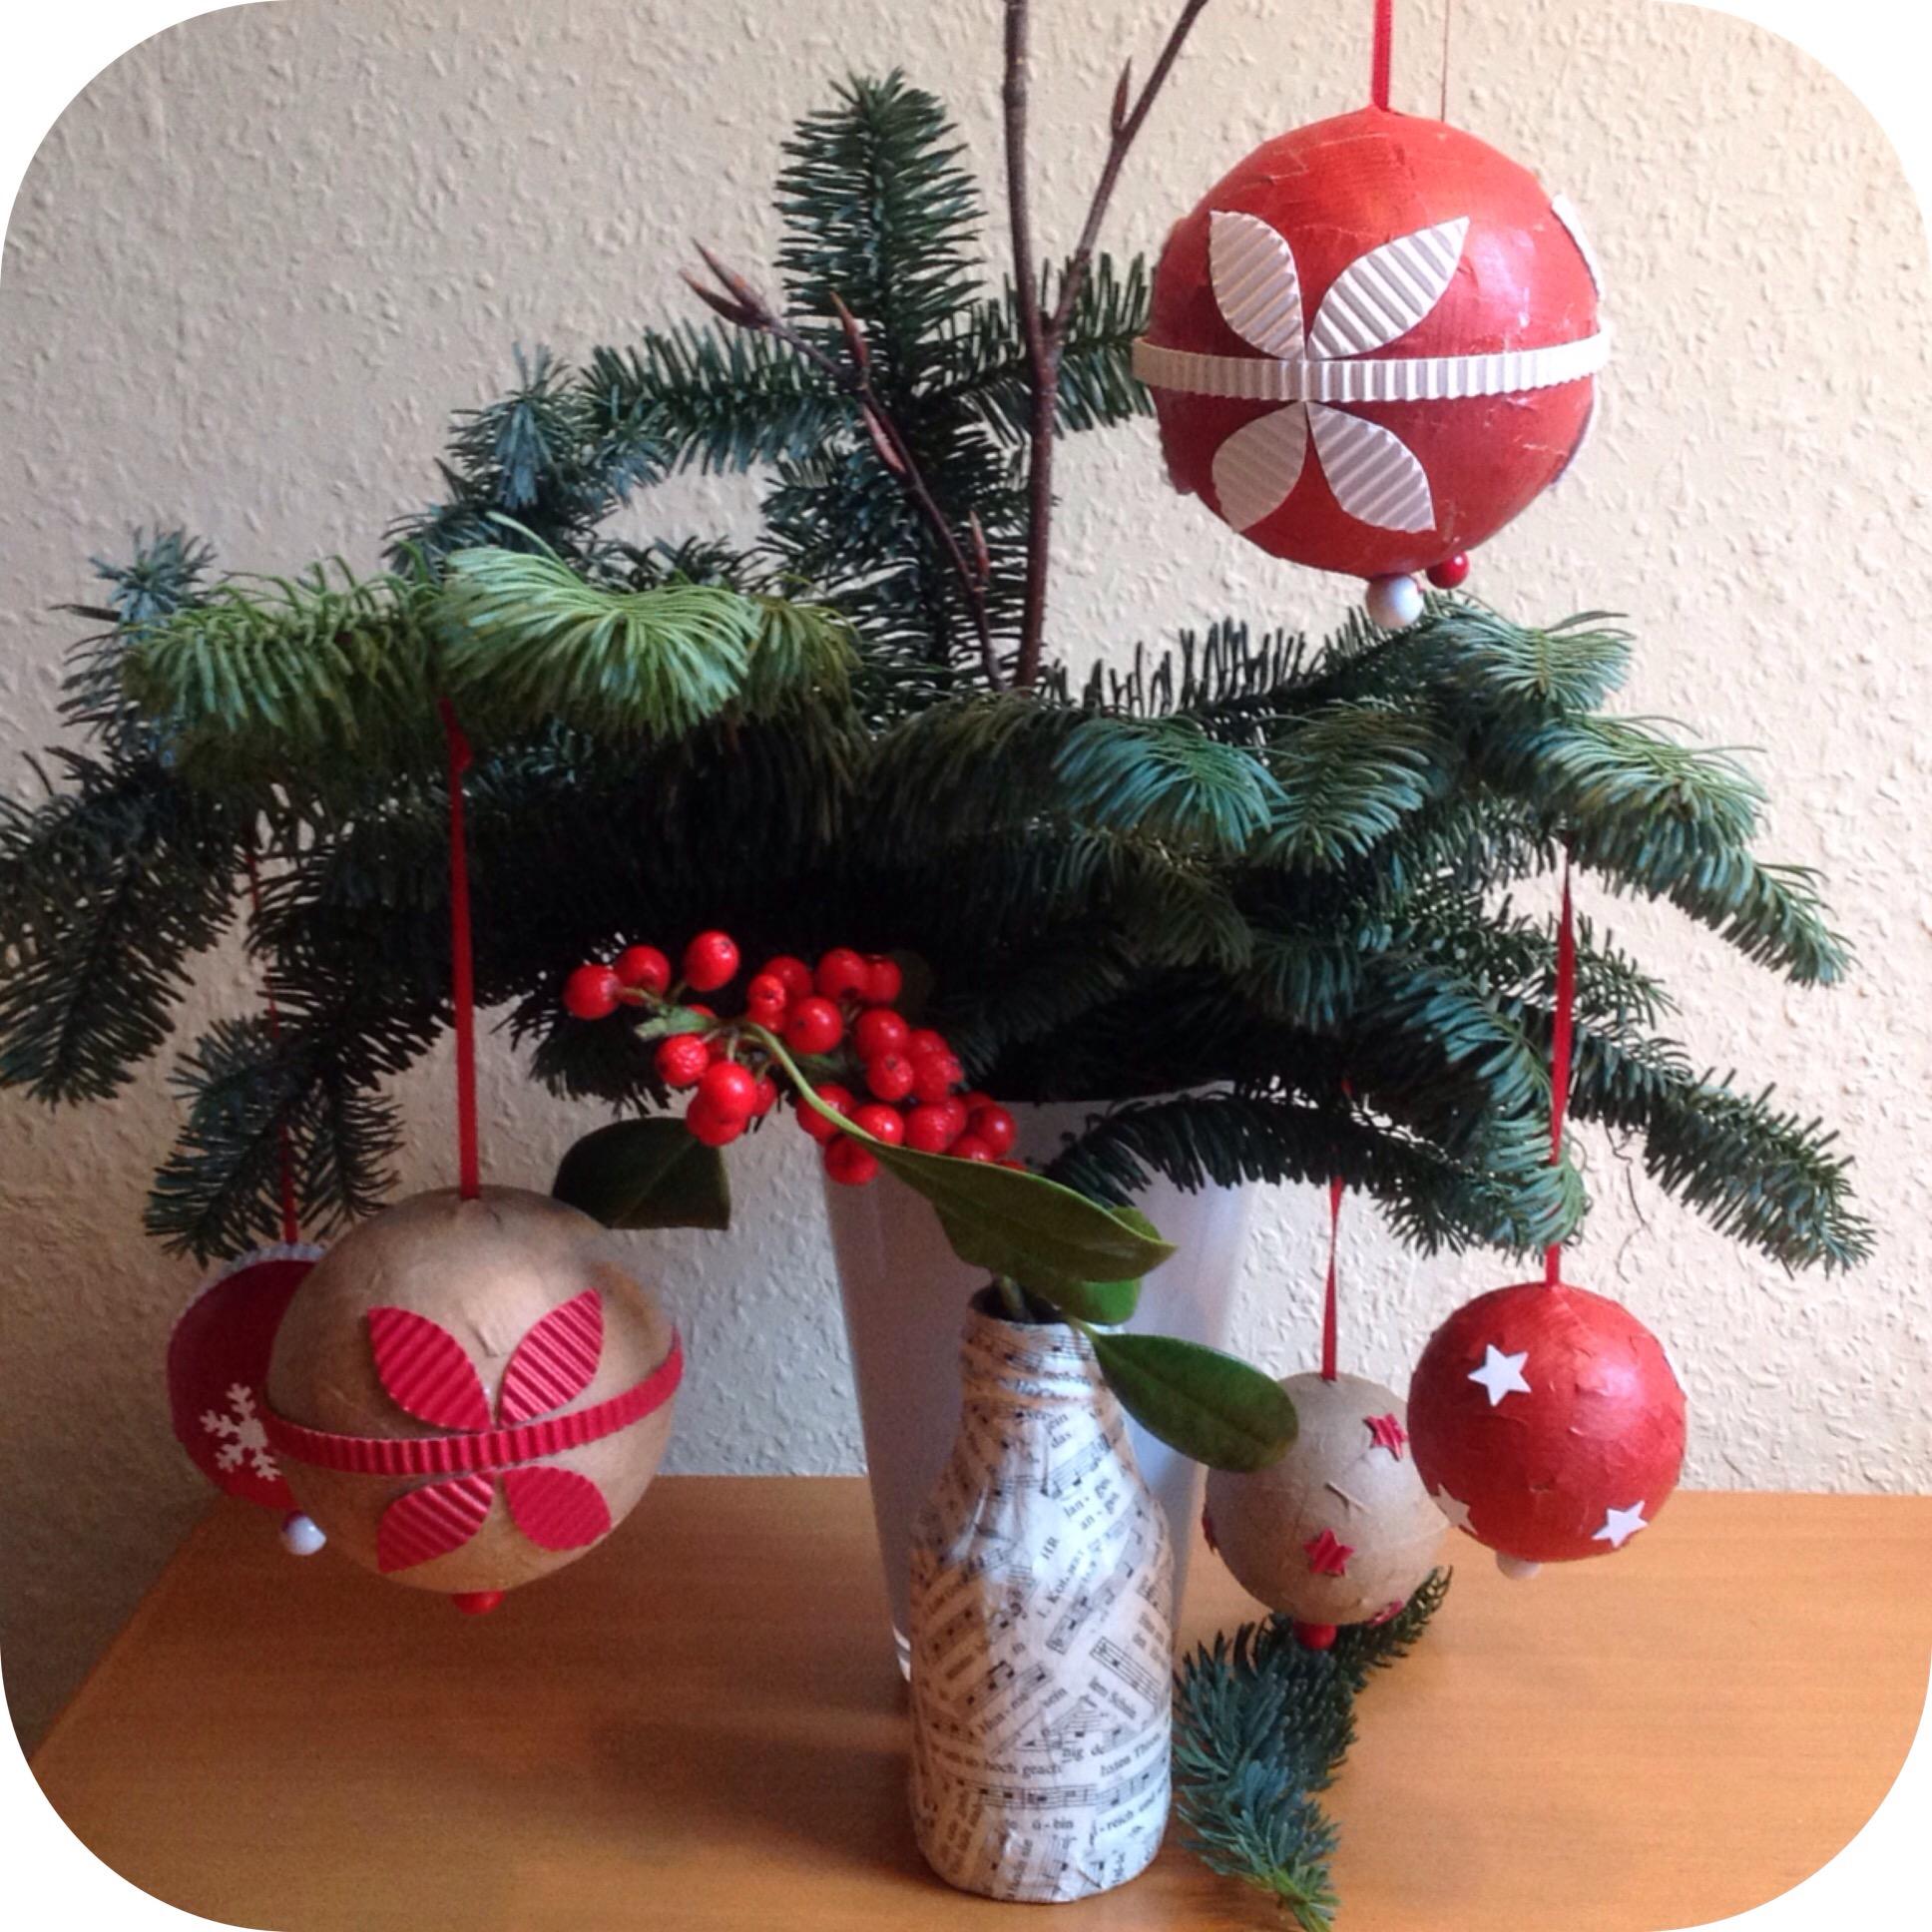 Weihnachtskugeln diy und unkaputtbar handmade kultur - Styroporkugeln dekorieren ...